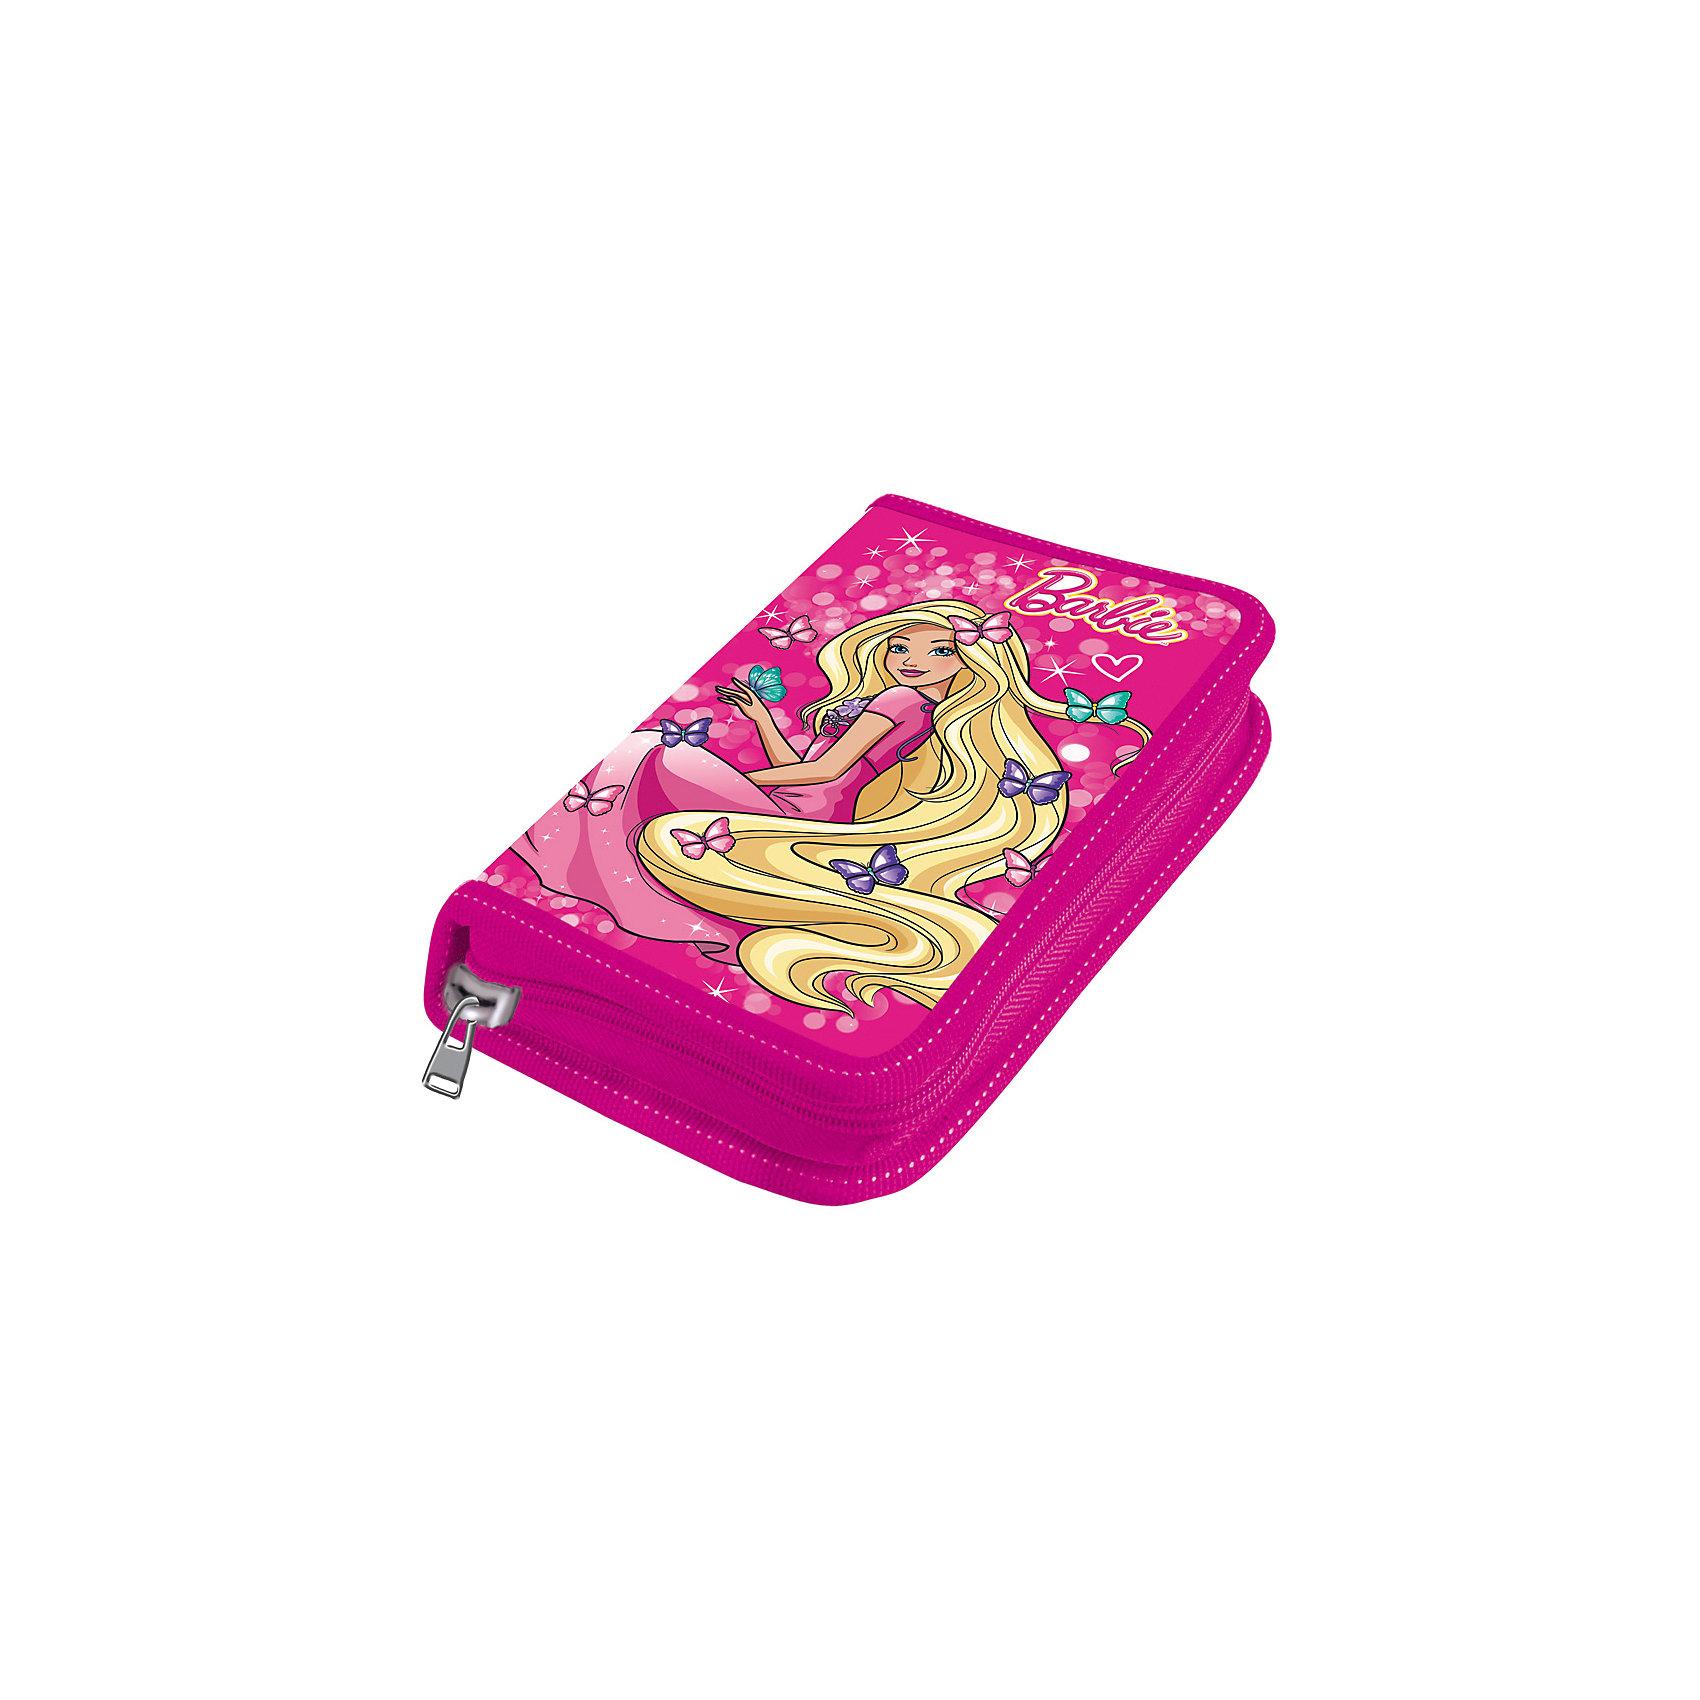 Пенал средний Mattel Barbie пустойПеналы без наполнения<br>Идеальный пенал для младших школьников. Пенал изготовлен из картона с полипропиленовым покрытием. Кроме того внутренняя часть пенала так же покрыта полипропиленовой плёнкой. А это значит, что следы от гелевых и шариковых ручек. фломастеров, карандашей и других письменных принадлежностей легко смываются с поверхности с помощью влажной ткани. А водонепроницаемое покрытие сохранит пенал в отличной форме надолго. В пенал помещаются даже заточенные карандаши, т.к. он имеет увеличенную длину. Ламинированное покрытие внешней части пенала с эффектами объёмного фольгированного тиснения.<br><br>Ширина мм: 195<br>Глубина мм: 110<br>Высота мм: 27<br>Вес г: 86<br>Возраст от месяцев: 72<br>Возраст до месяцев: 108<br>Пол: Женский<br>Возраст: Детский<br>SKU: 7029915